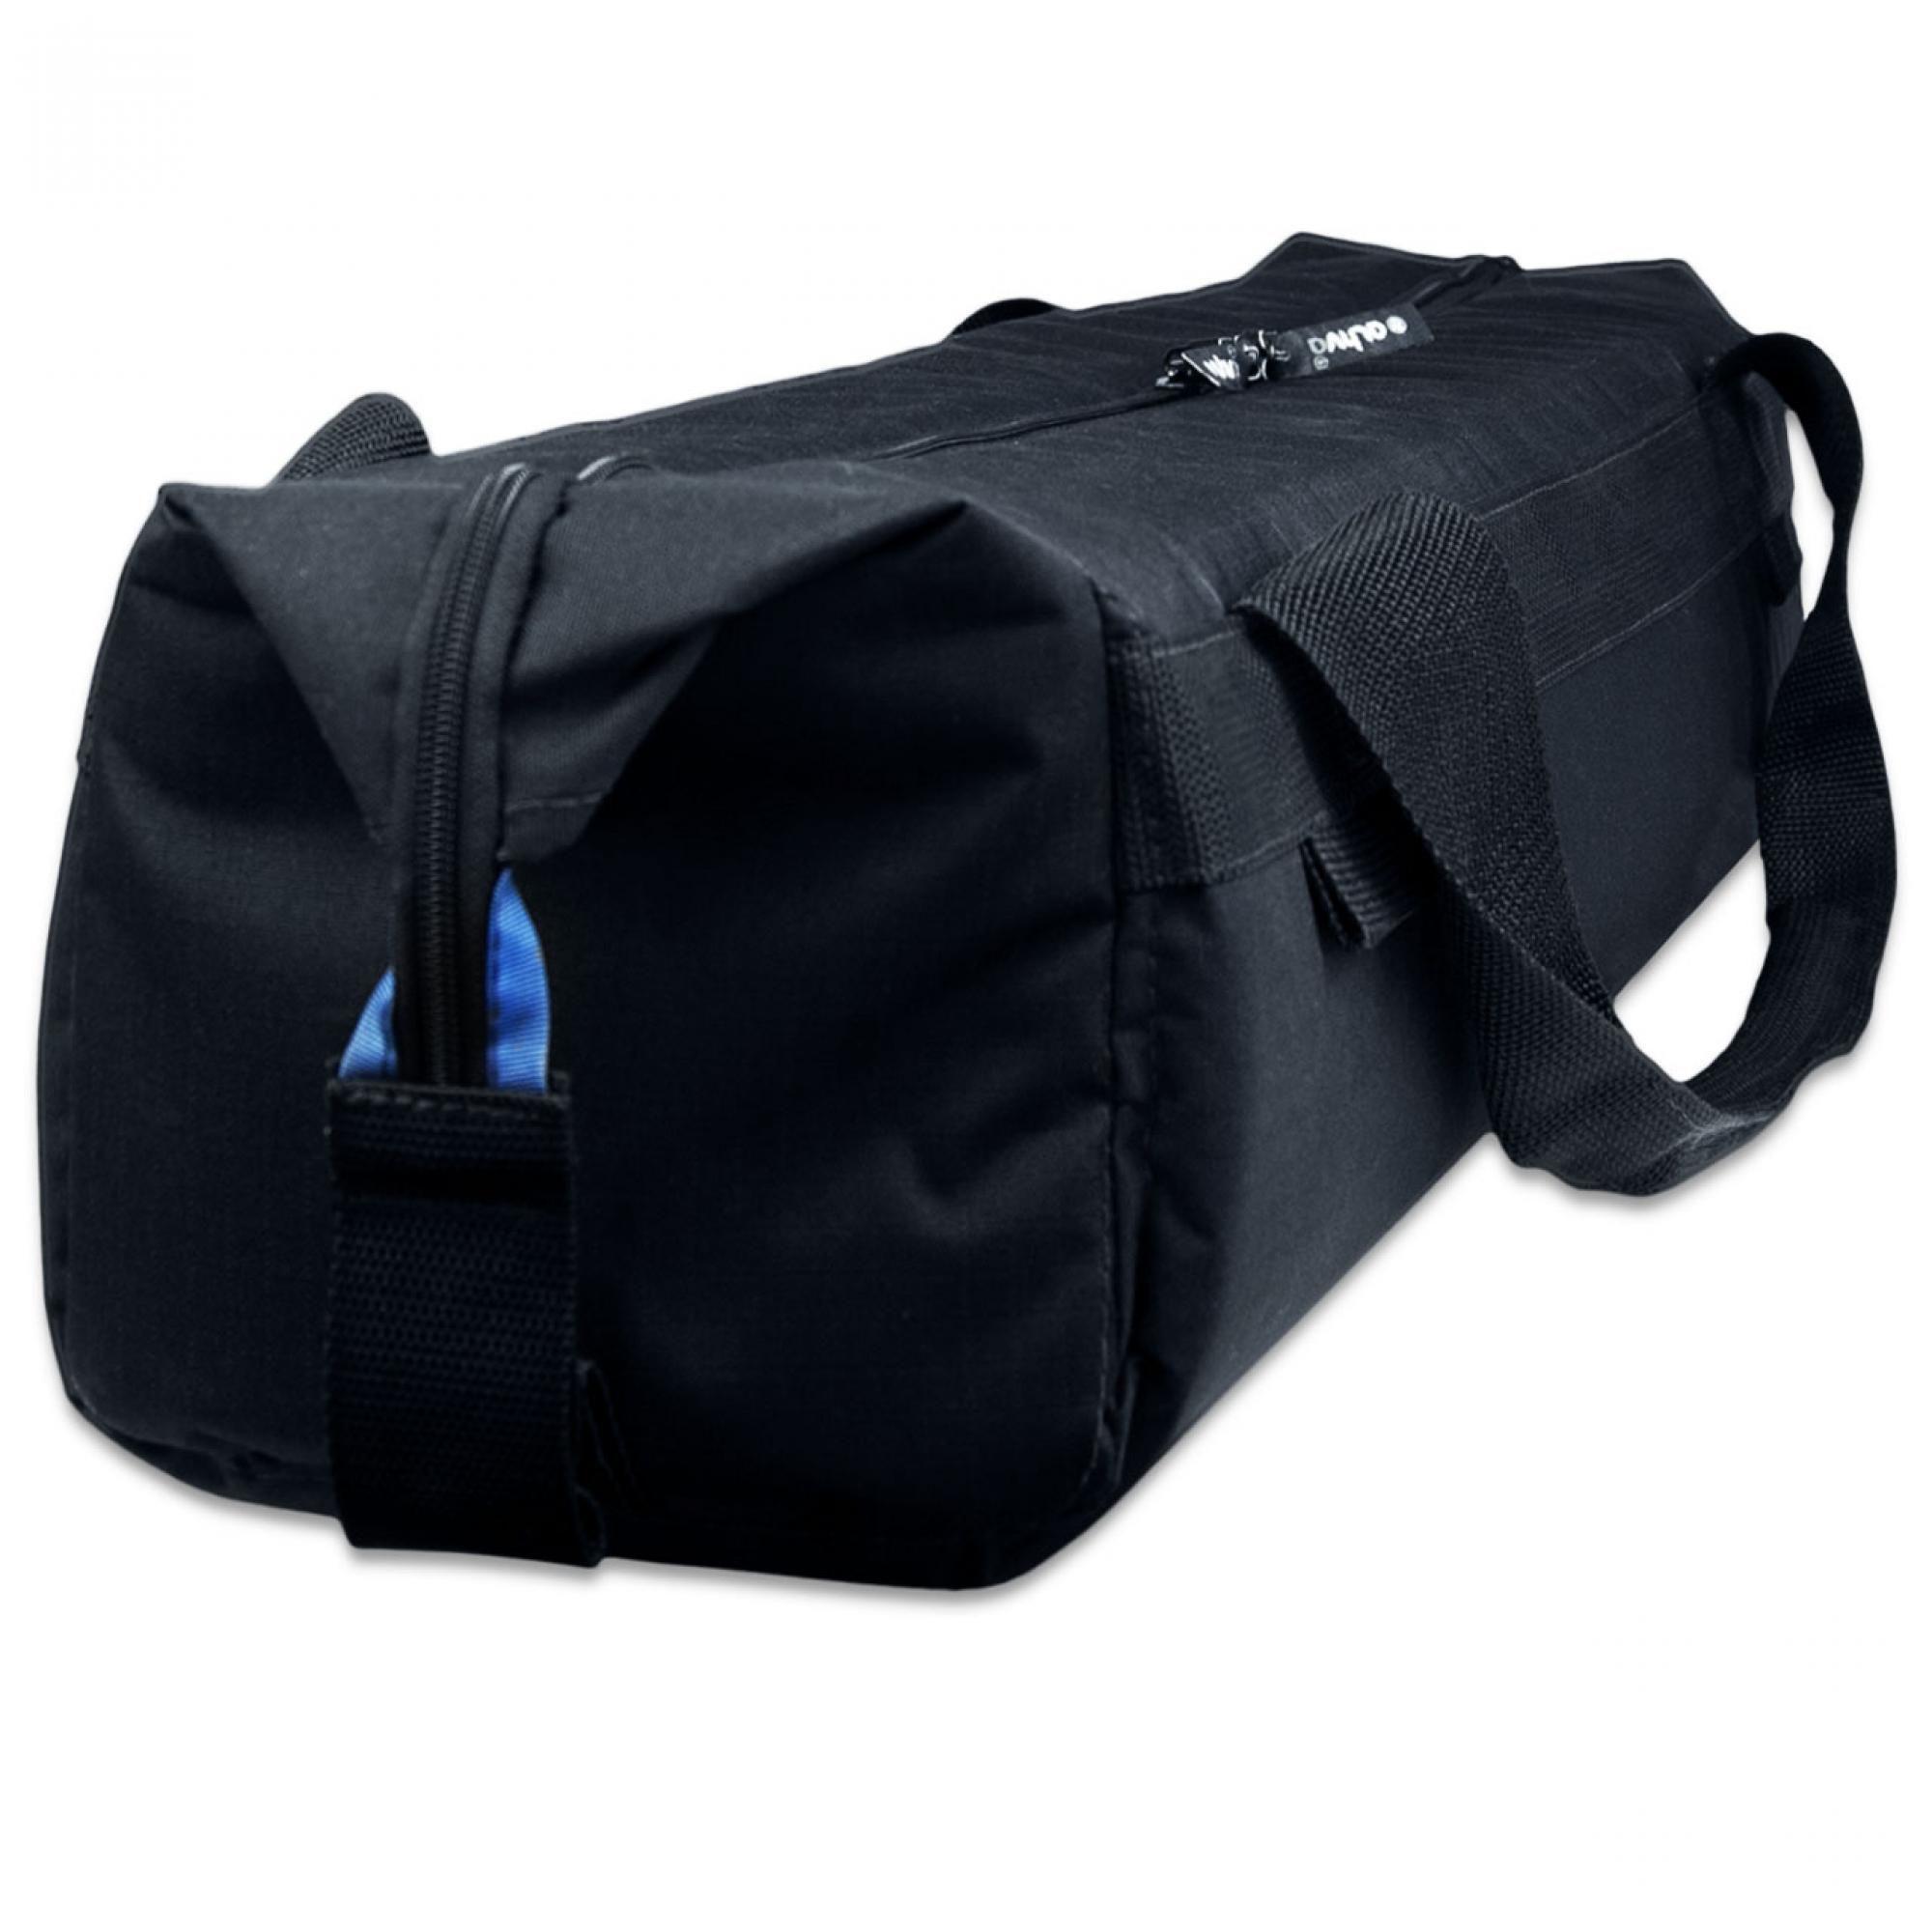 Capa ou Bag de Conjunto Com Divisória 106cm Alhva 162 Tripé, Tocha, Haze, Sombrinha, Cabos